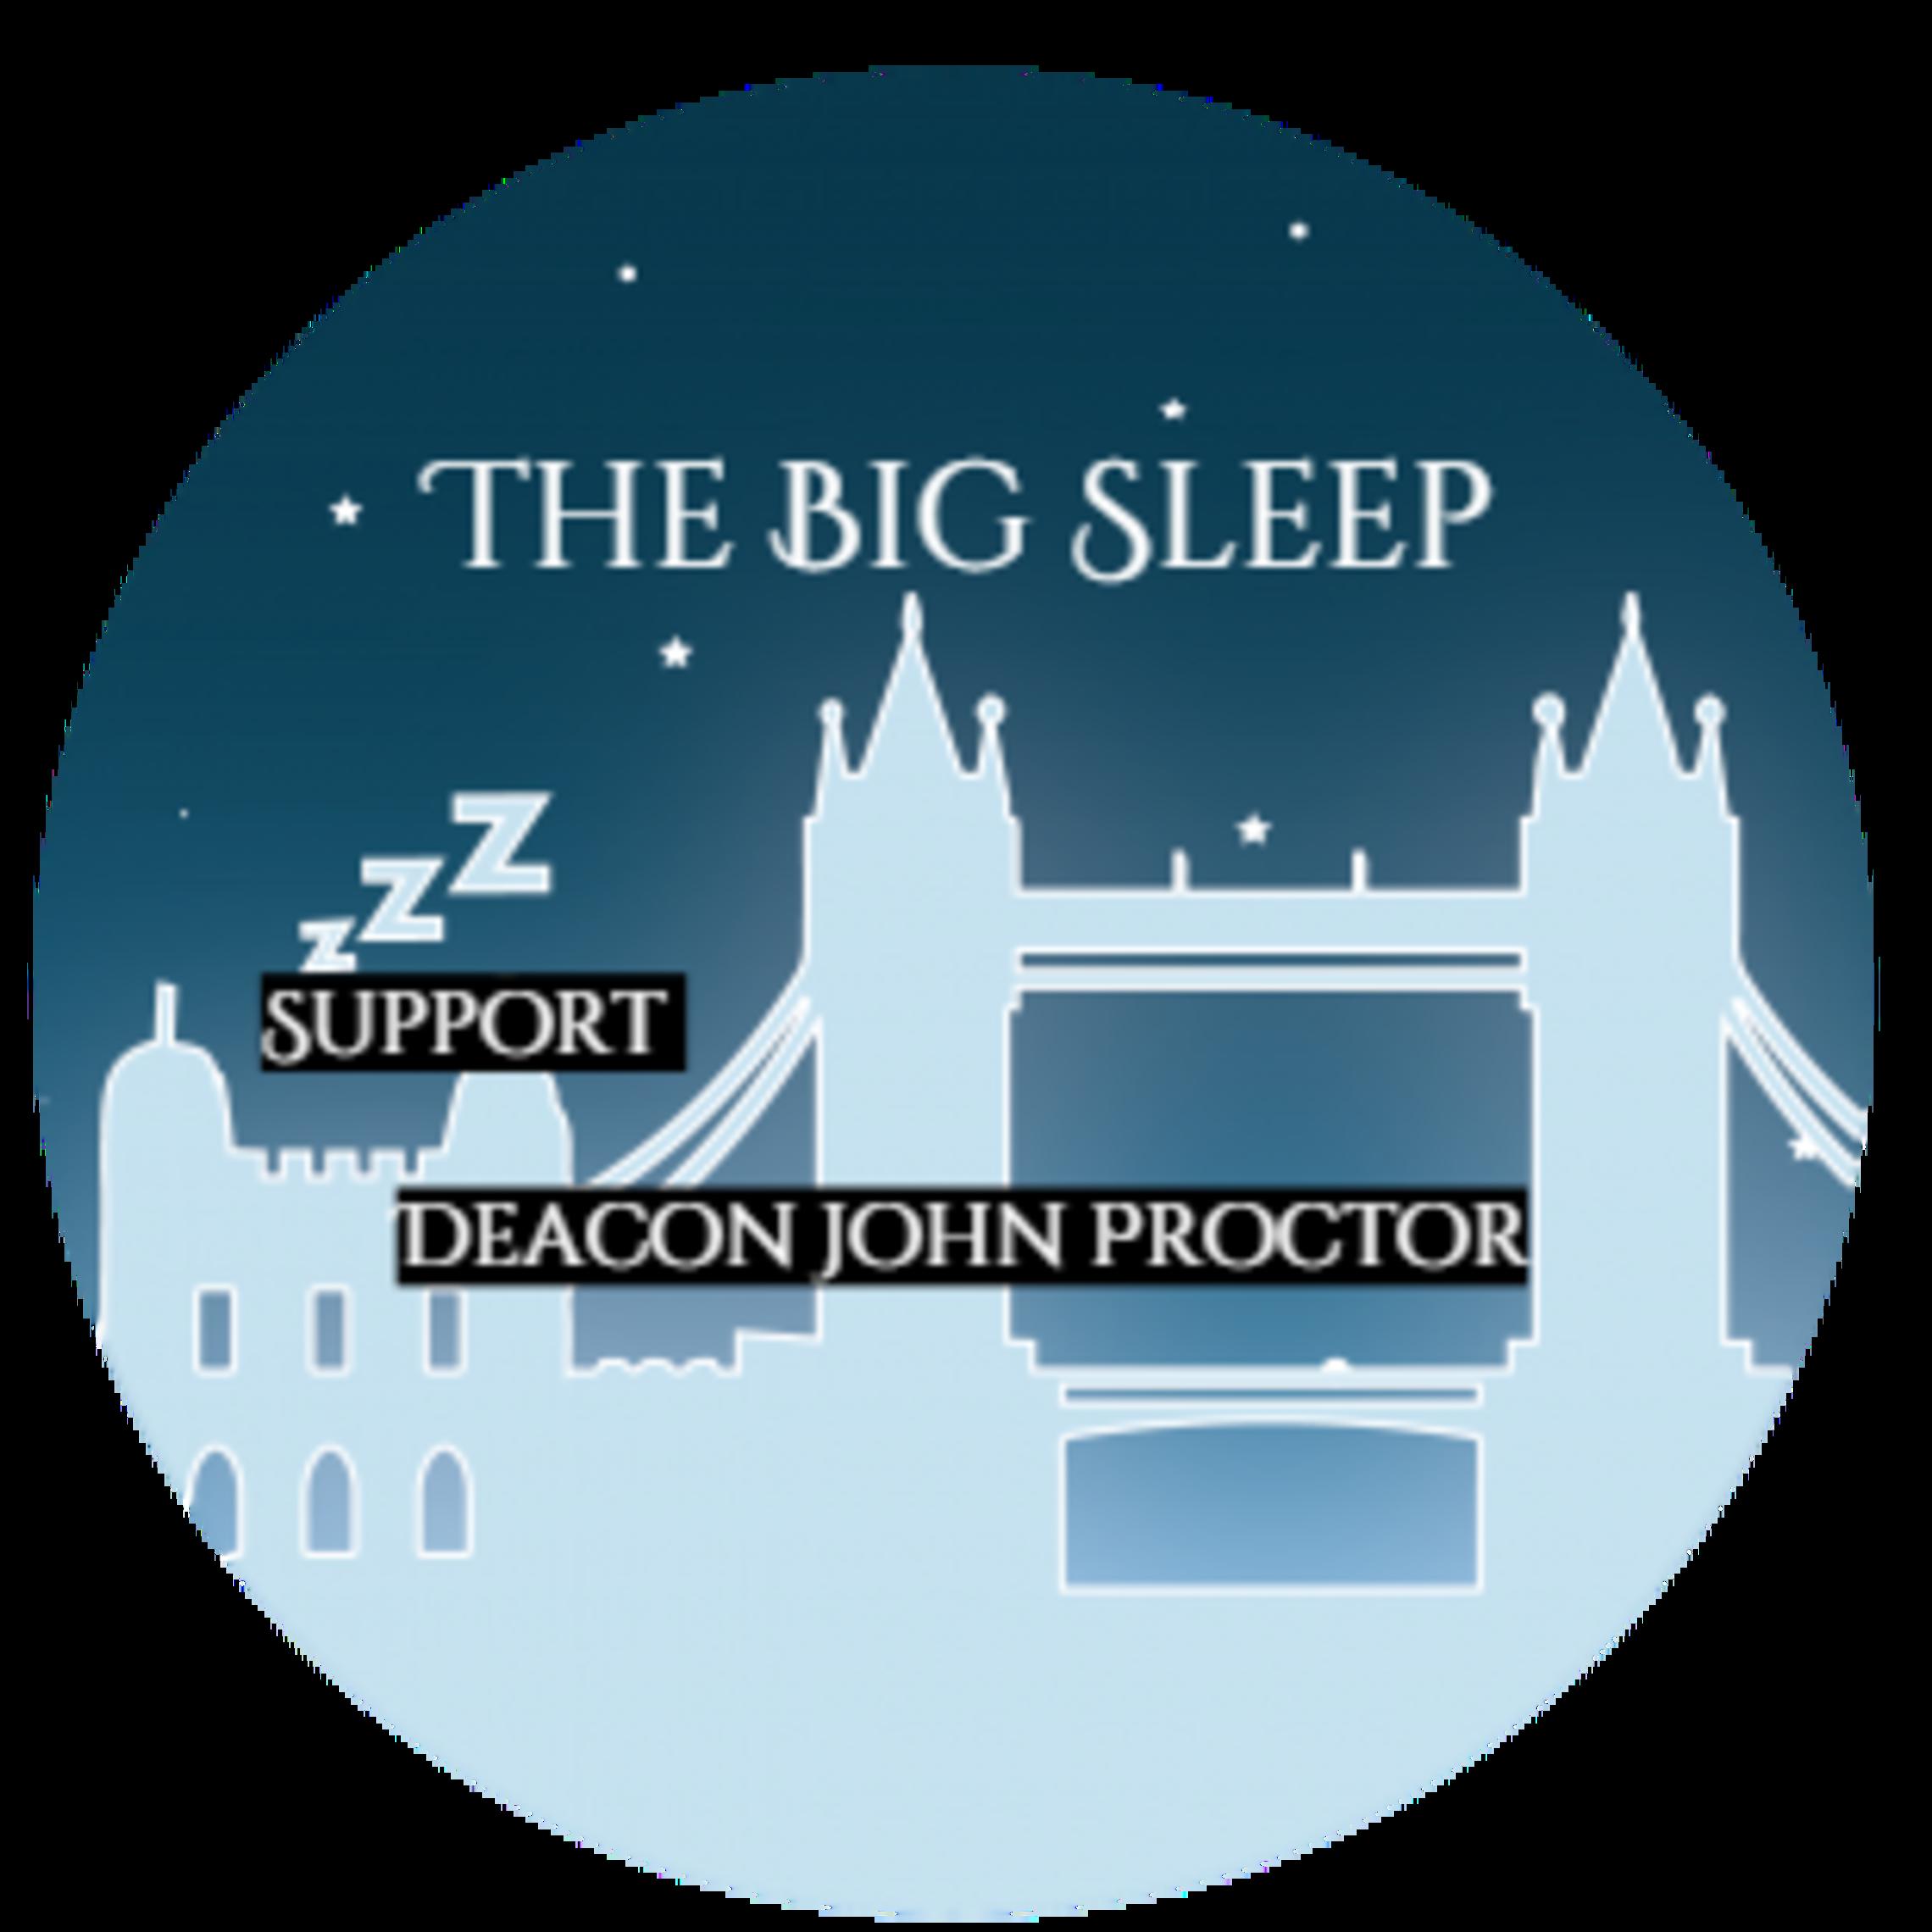 Big Sleep 2